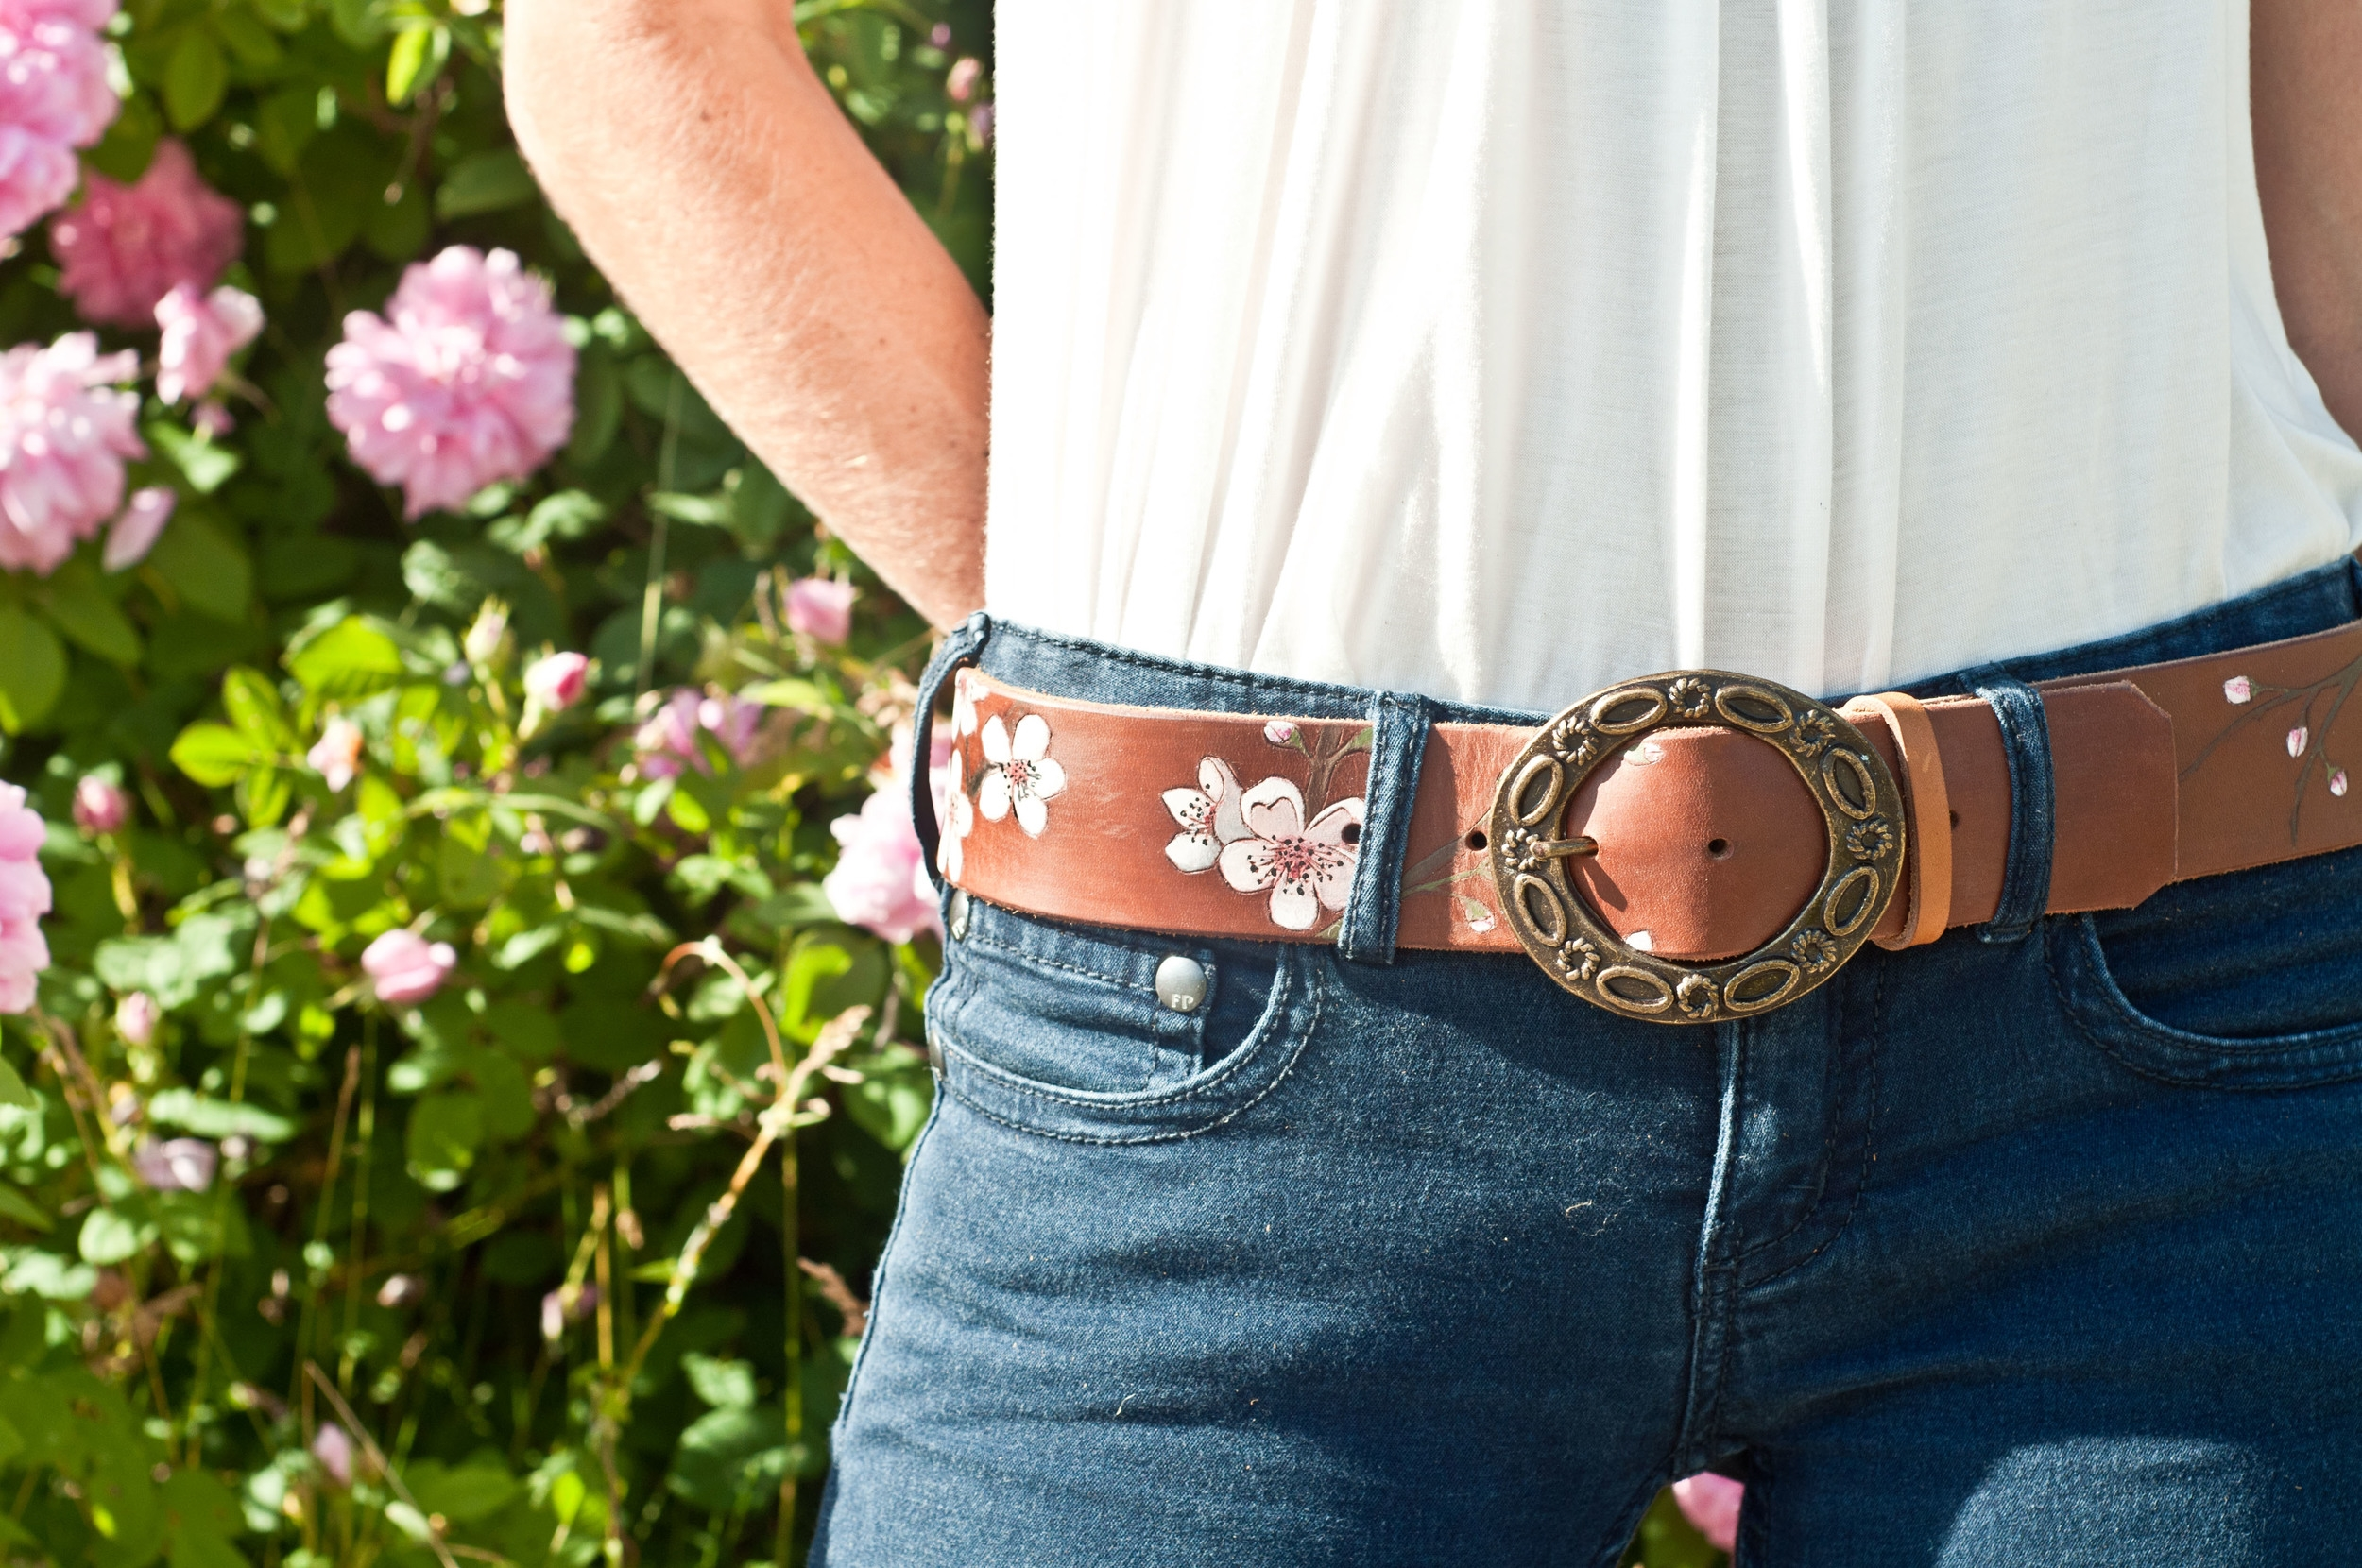 cherry-blossom-belt-3.jpg